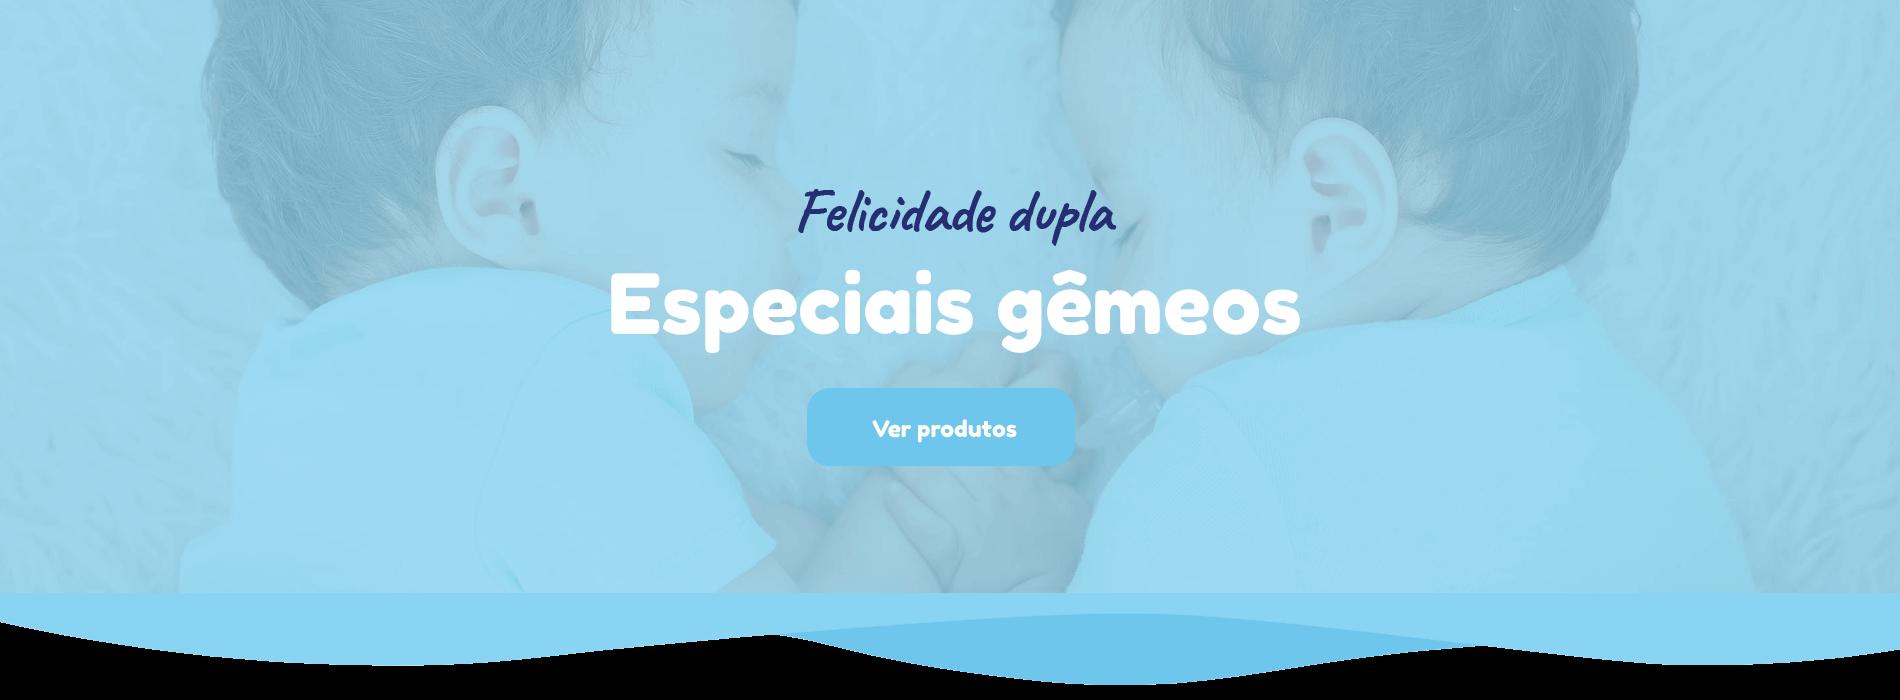 produtos gemeos